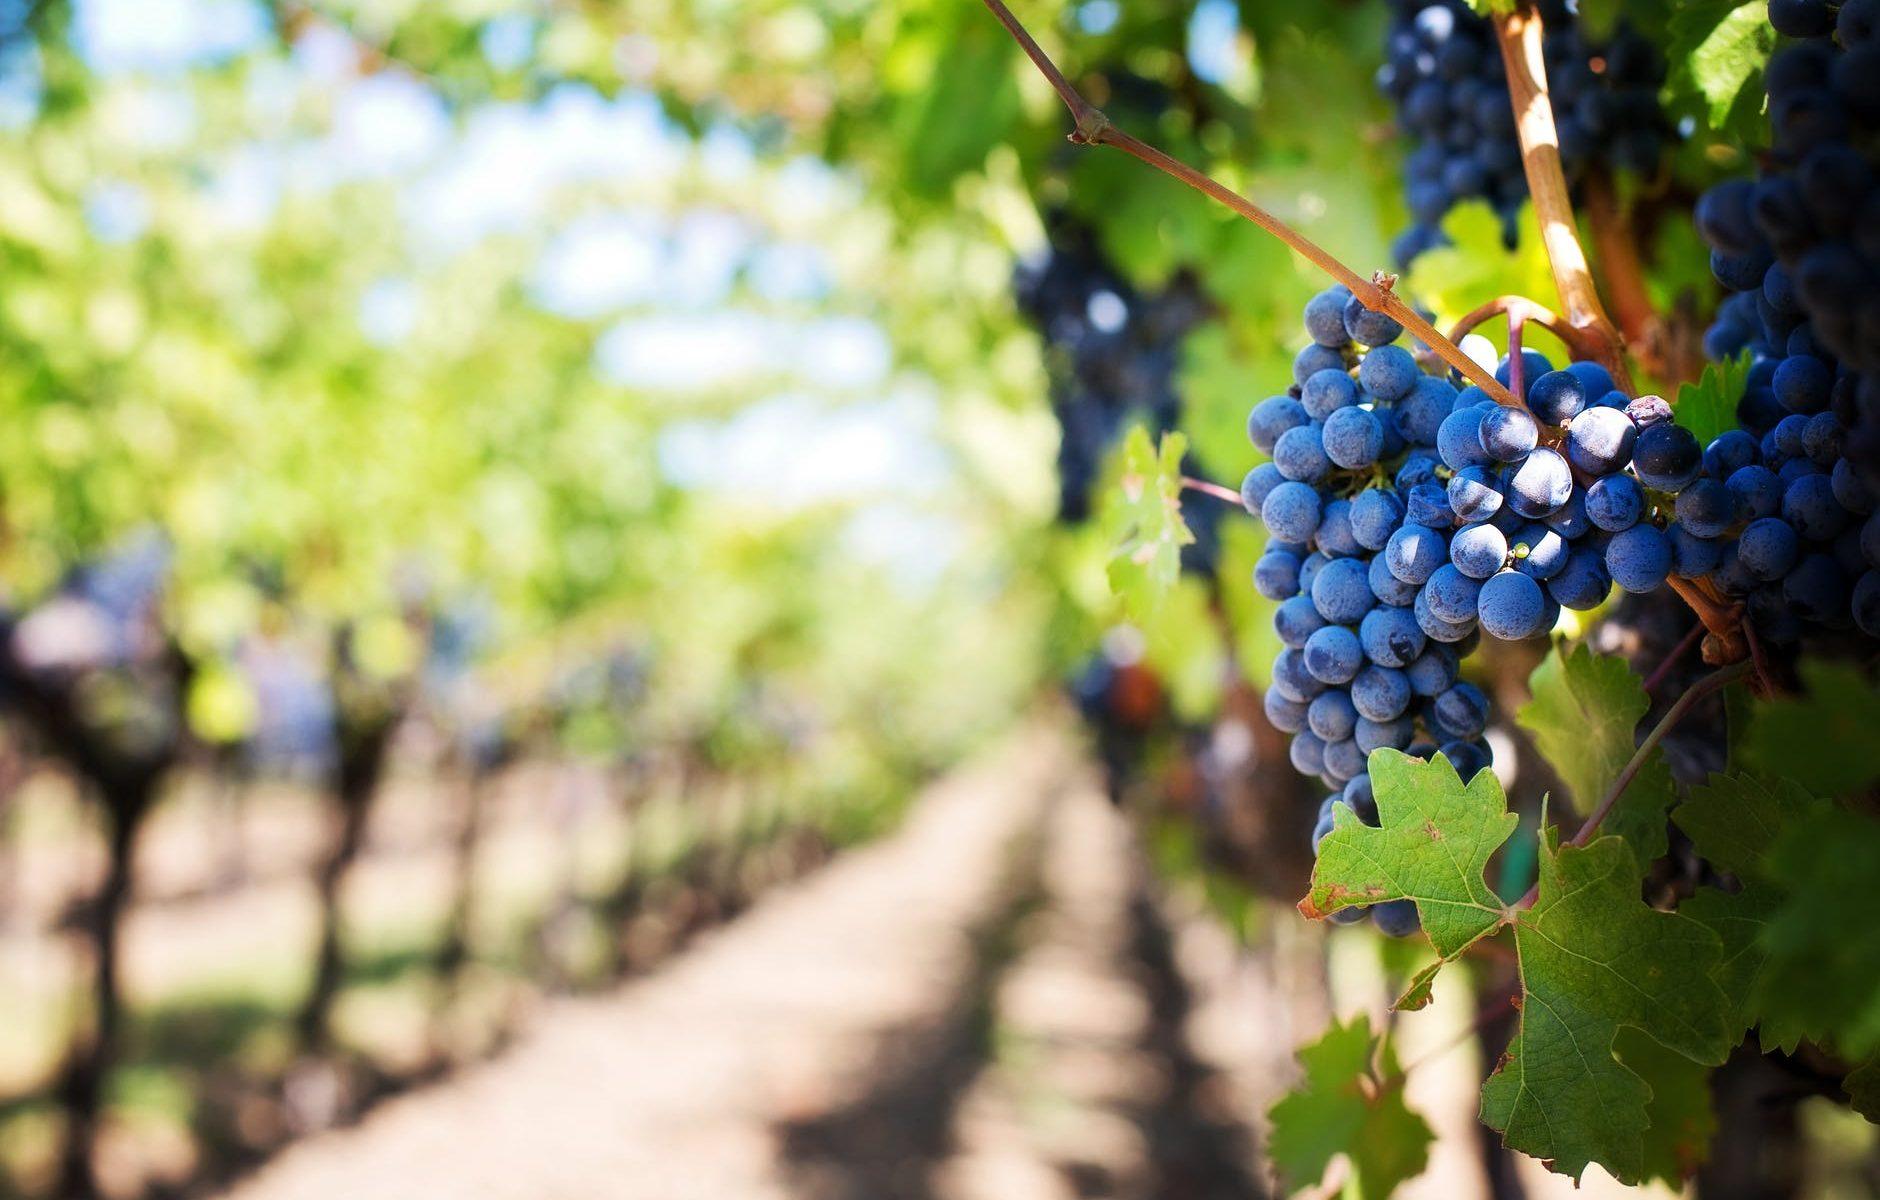 Filmes sobre vinhos © Pexels